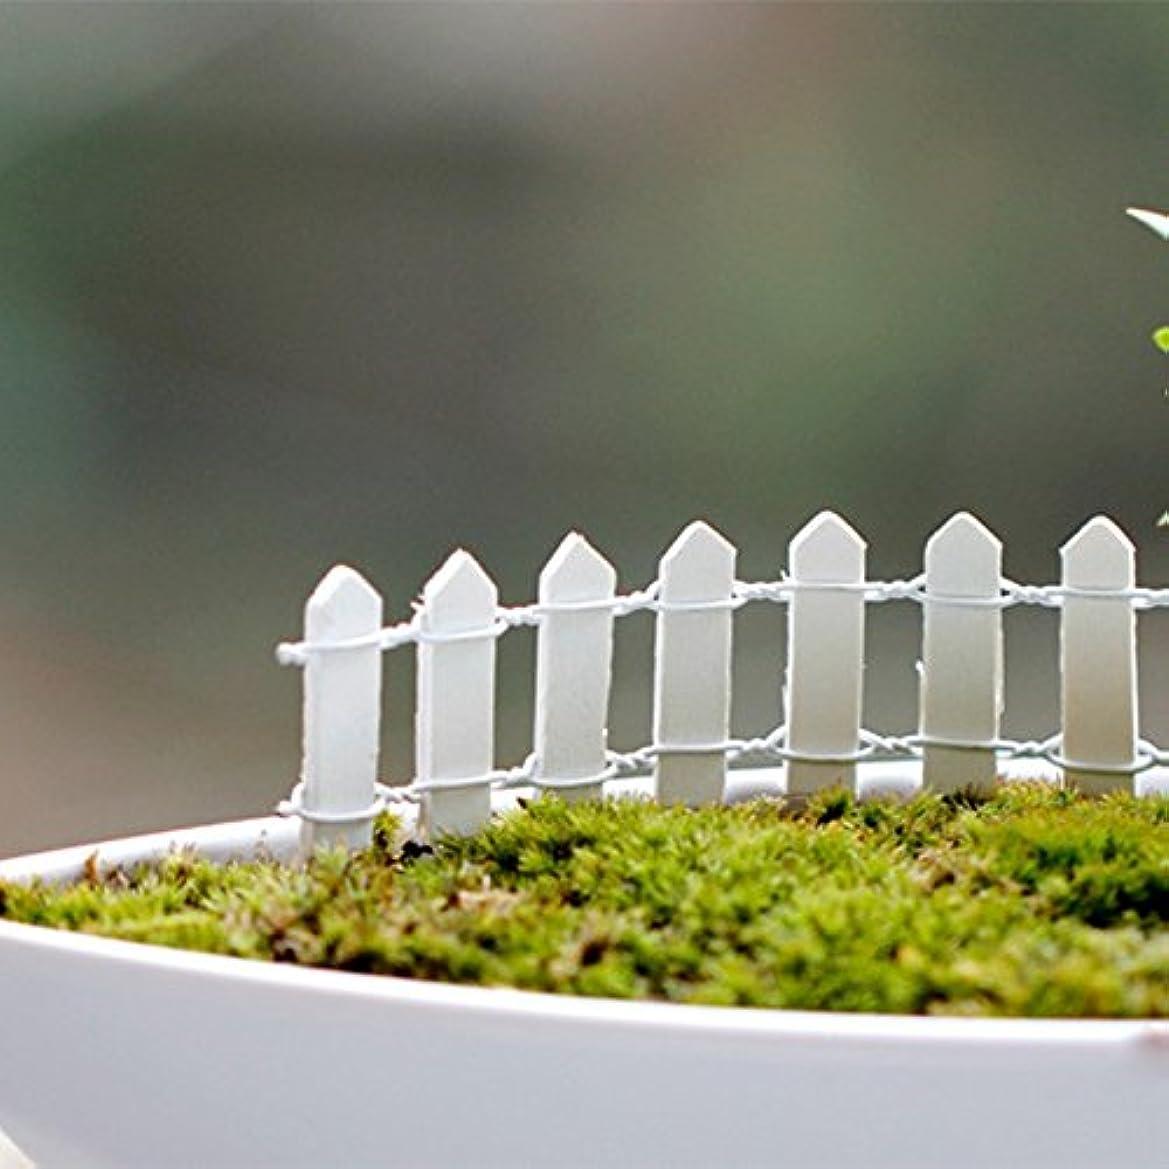 貫入手首瞑想的Jicorzo - 20個DIY木製の小さなフェンスモステラリウム植木鉢工芸ミニおもちゃフェアリーガーデンミニチュア[ホワイト]